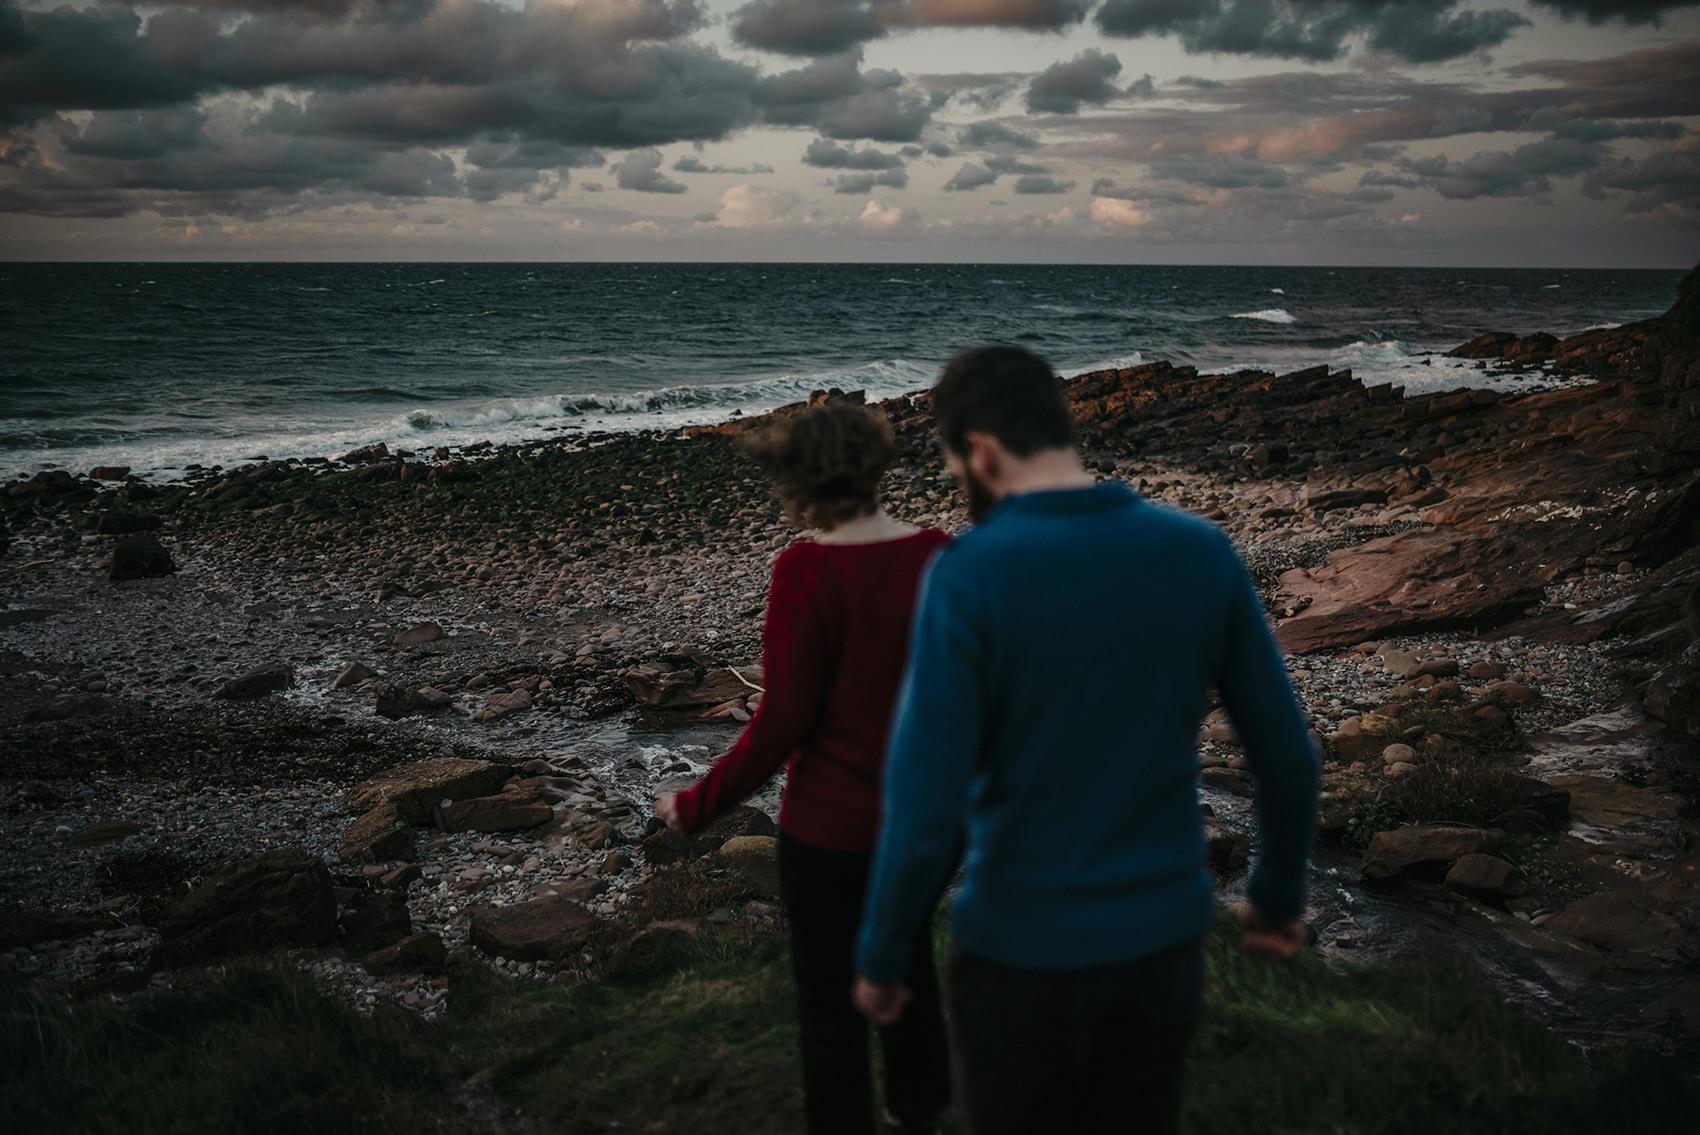 sunset engagement photoshoot on Isle of Man